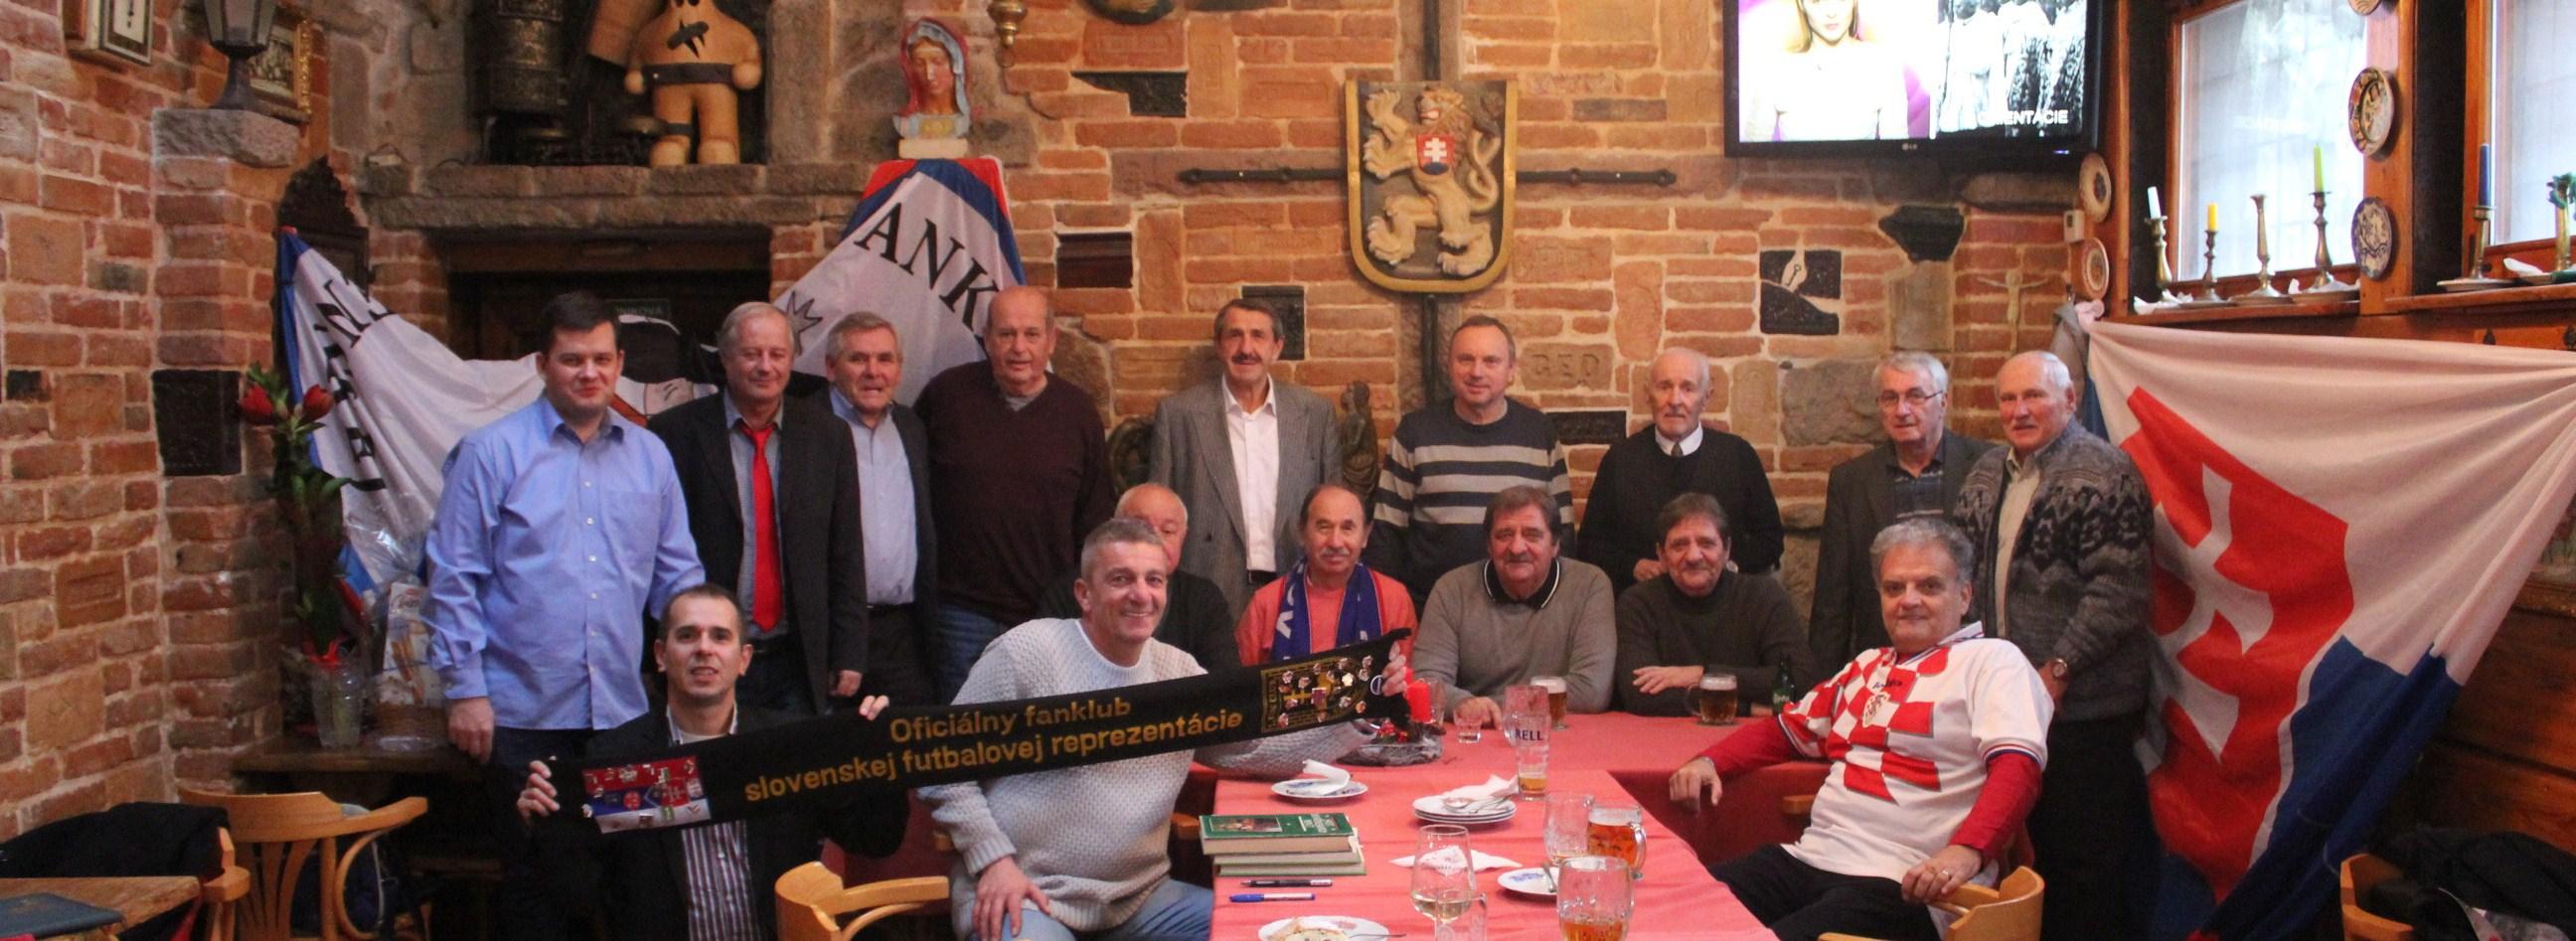 f8207f26a6b9a Počas prvej adventnej nedele oficiálny fanklub slovenskej futbalovej  reprezentácie v bratislavskom Hostinci u Deda pripravil ďalšie pekné  podujatie.